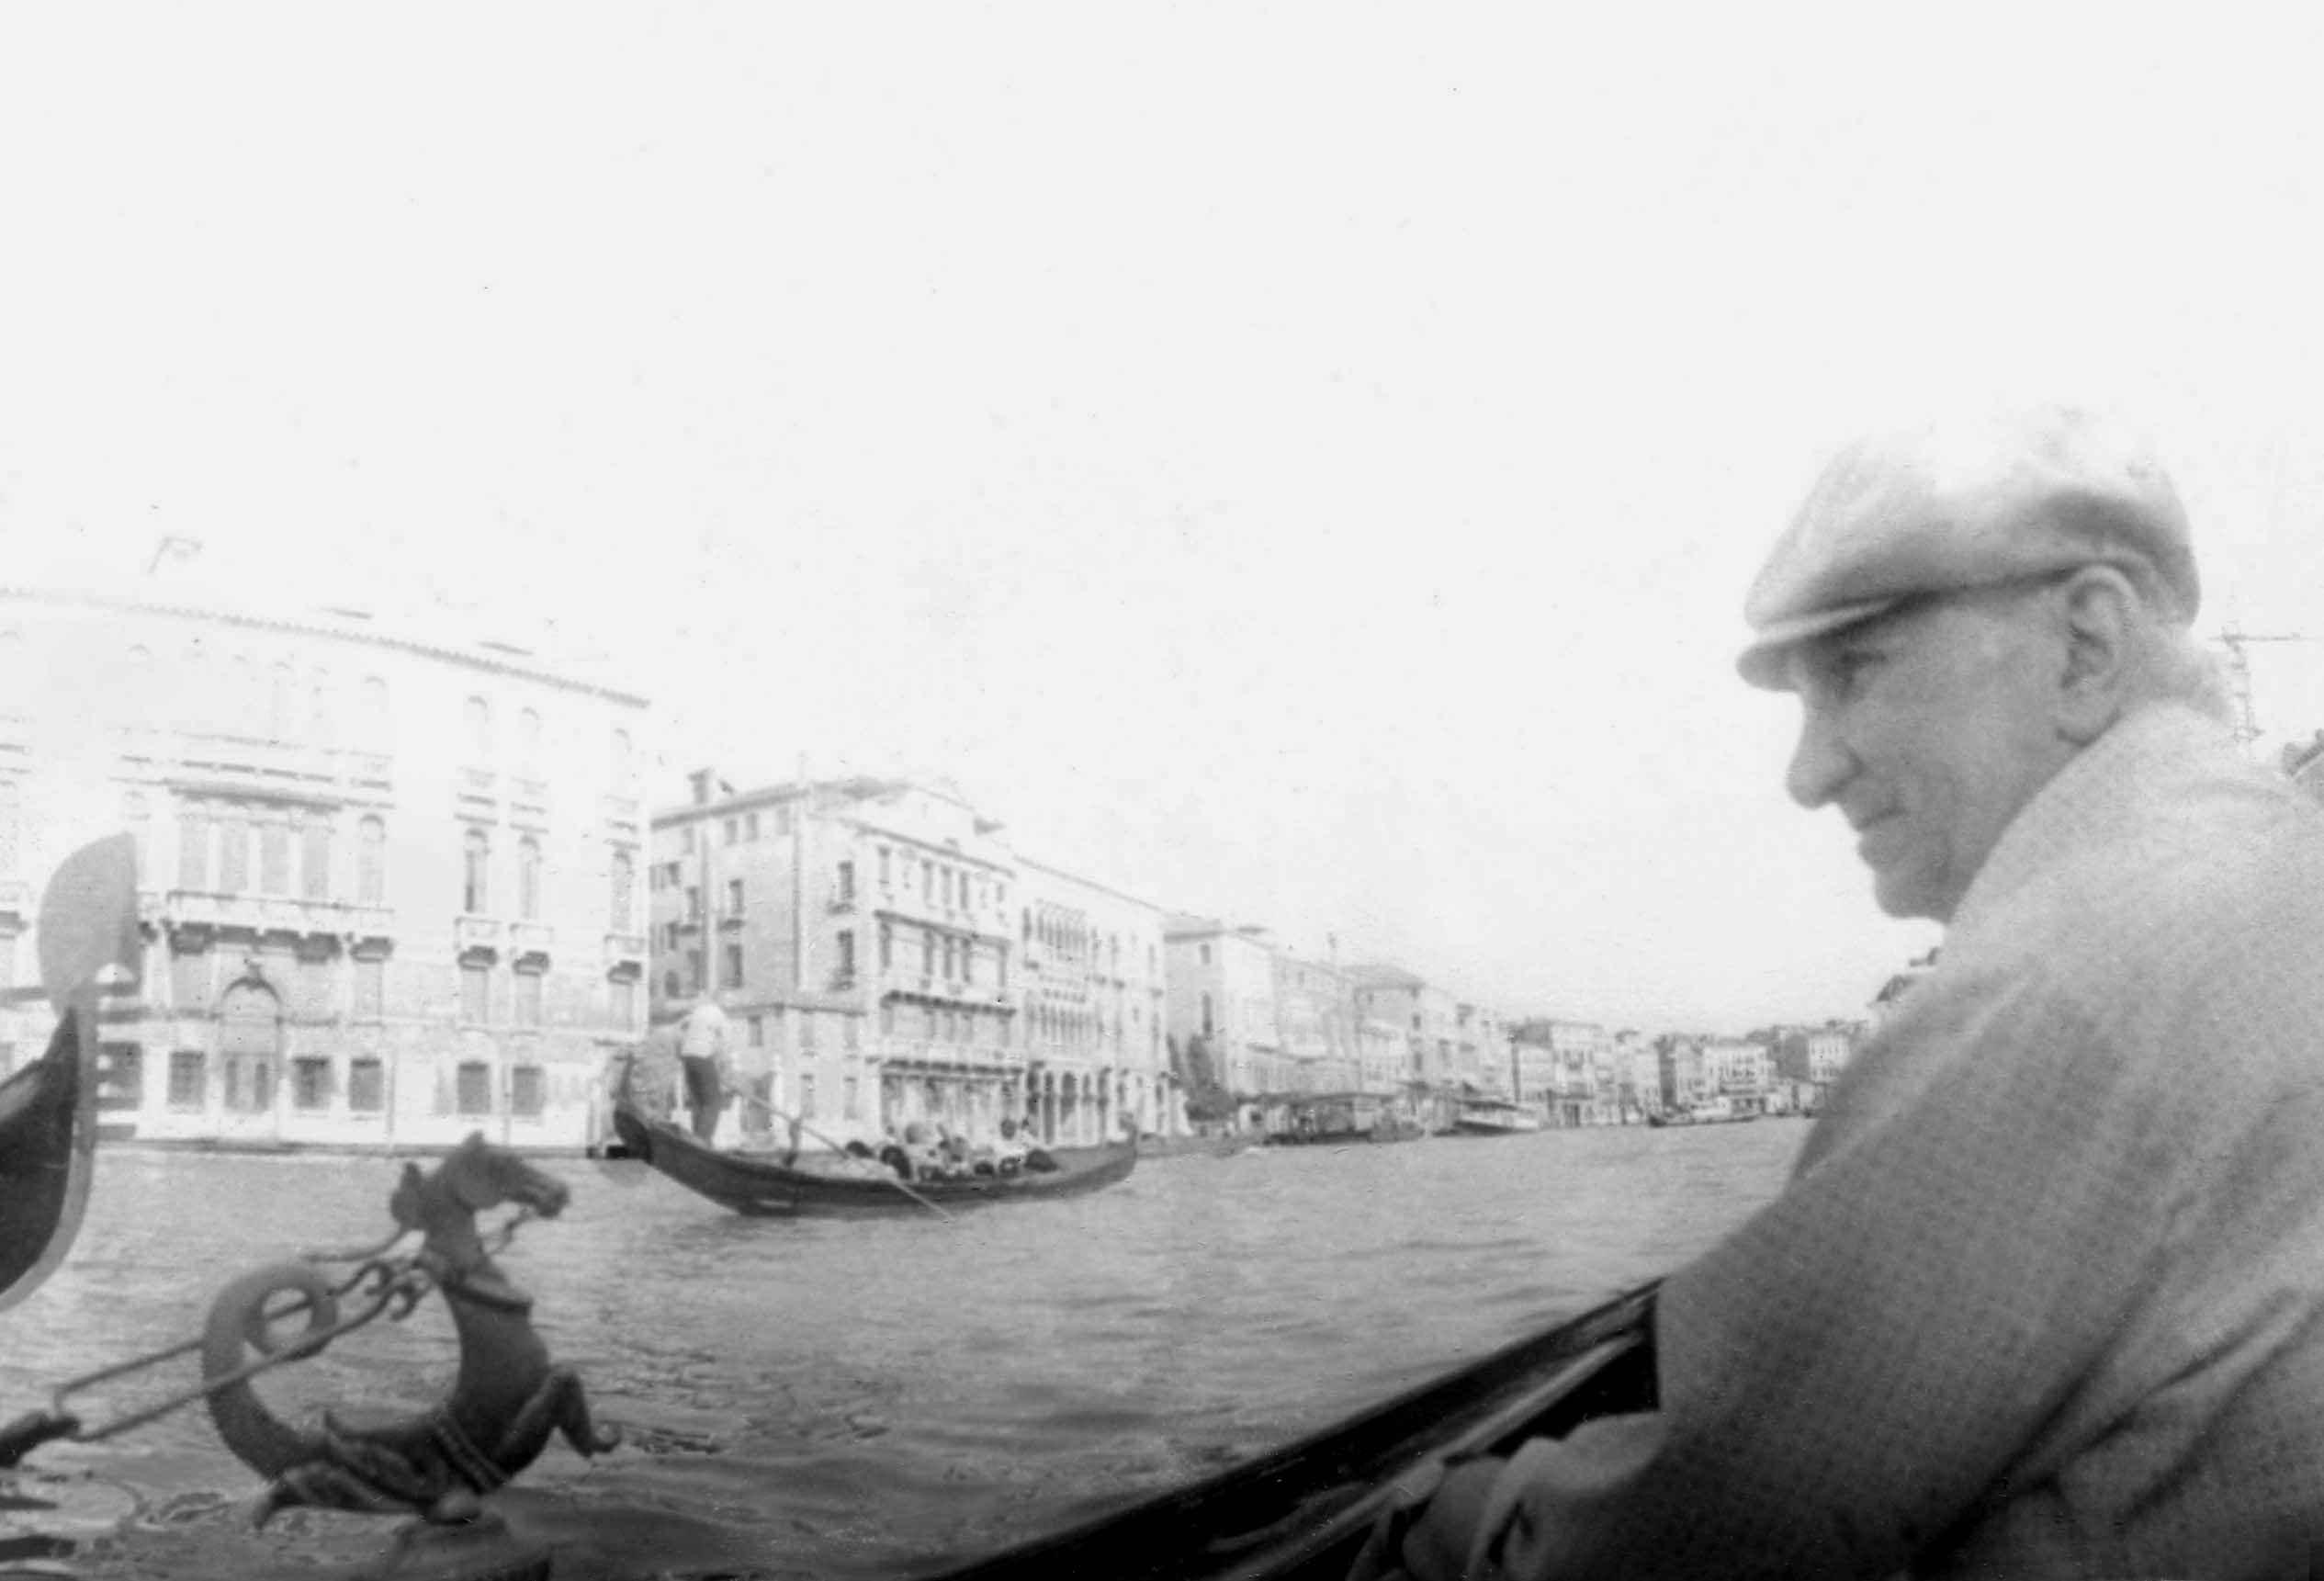 Экспонат #23. Во время прогулки по Венеции. 1980 год